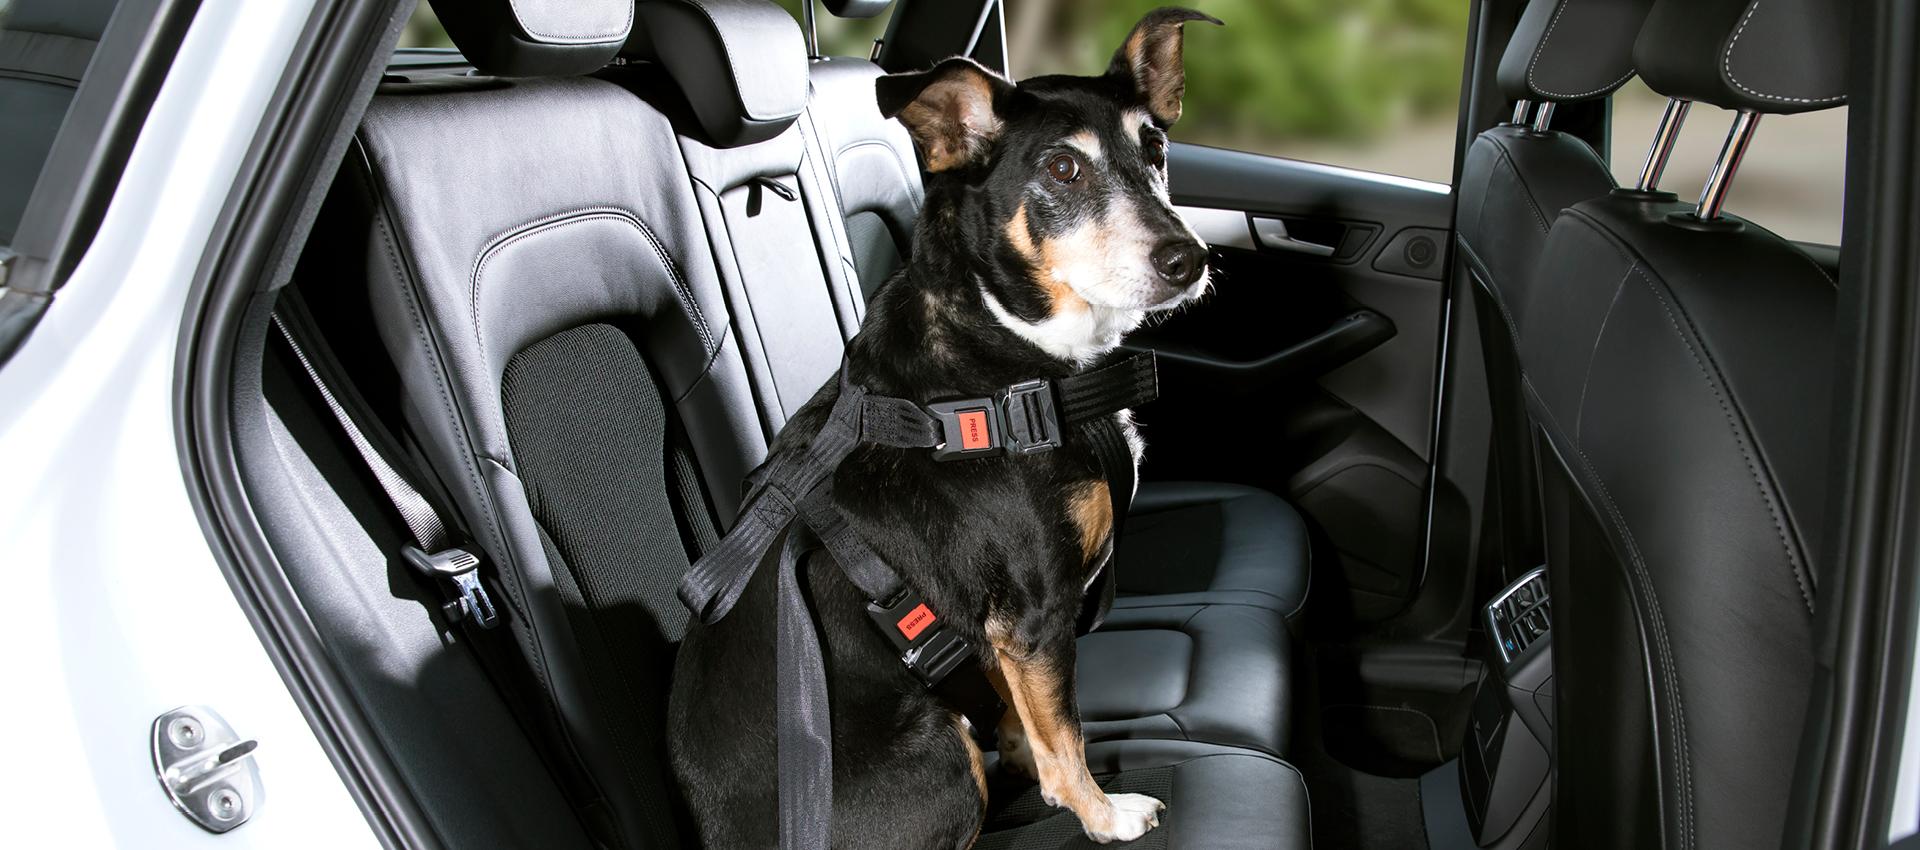 DoggySafe - Hunde Sicherheitsgurt Set für größere Hunde (Rückbank)